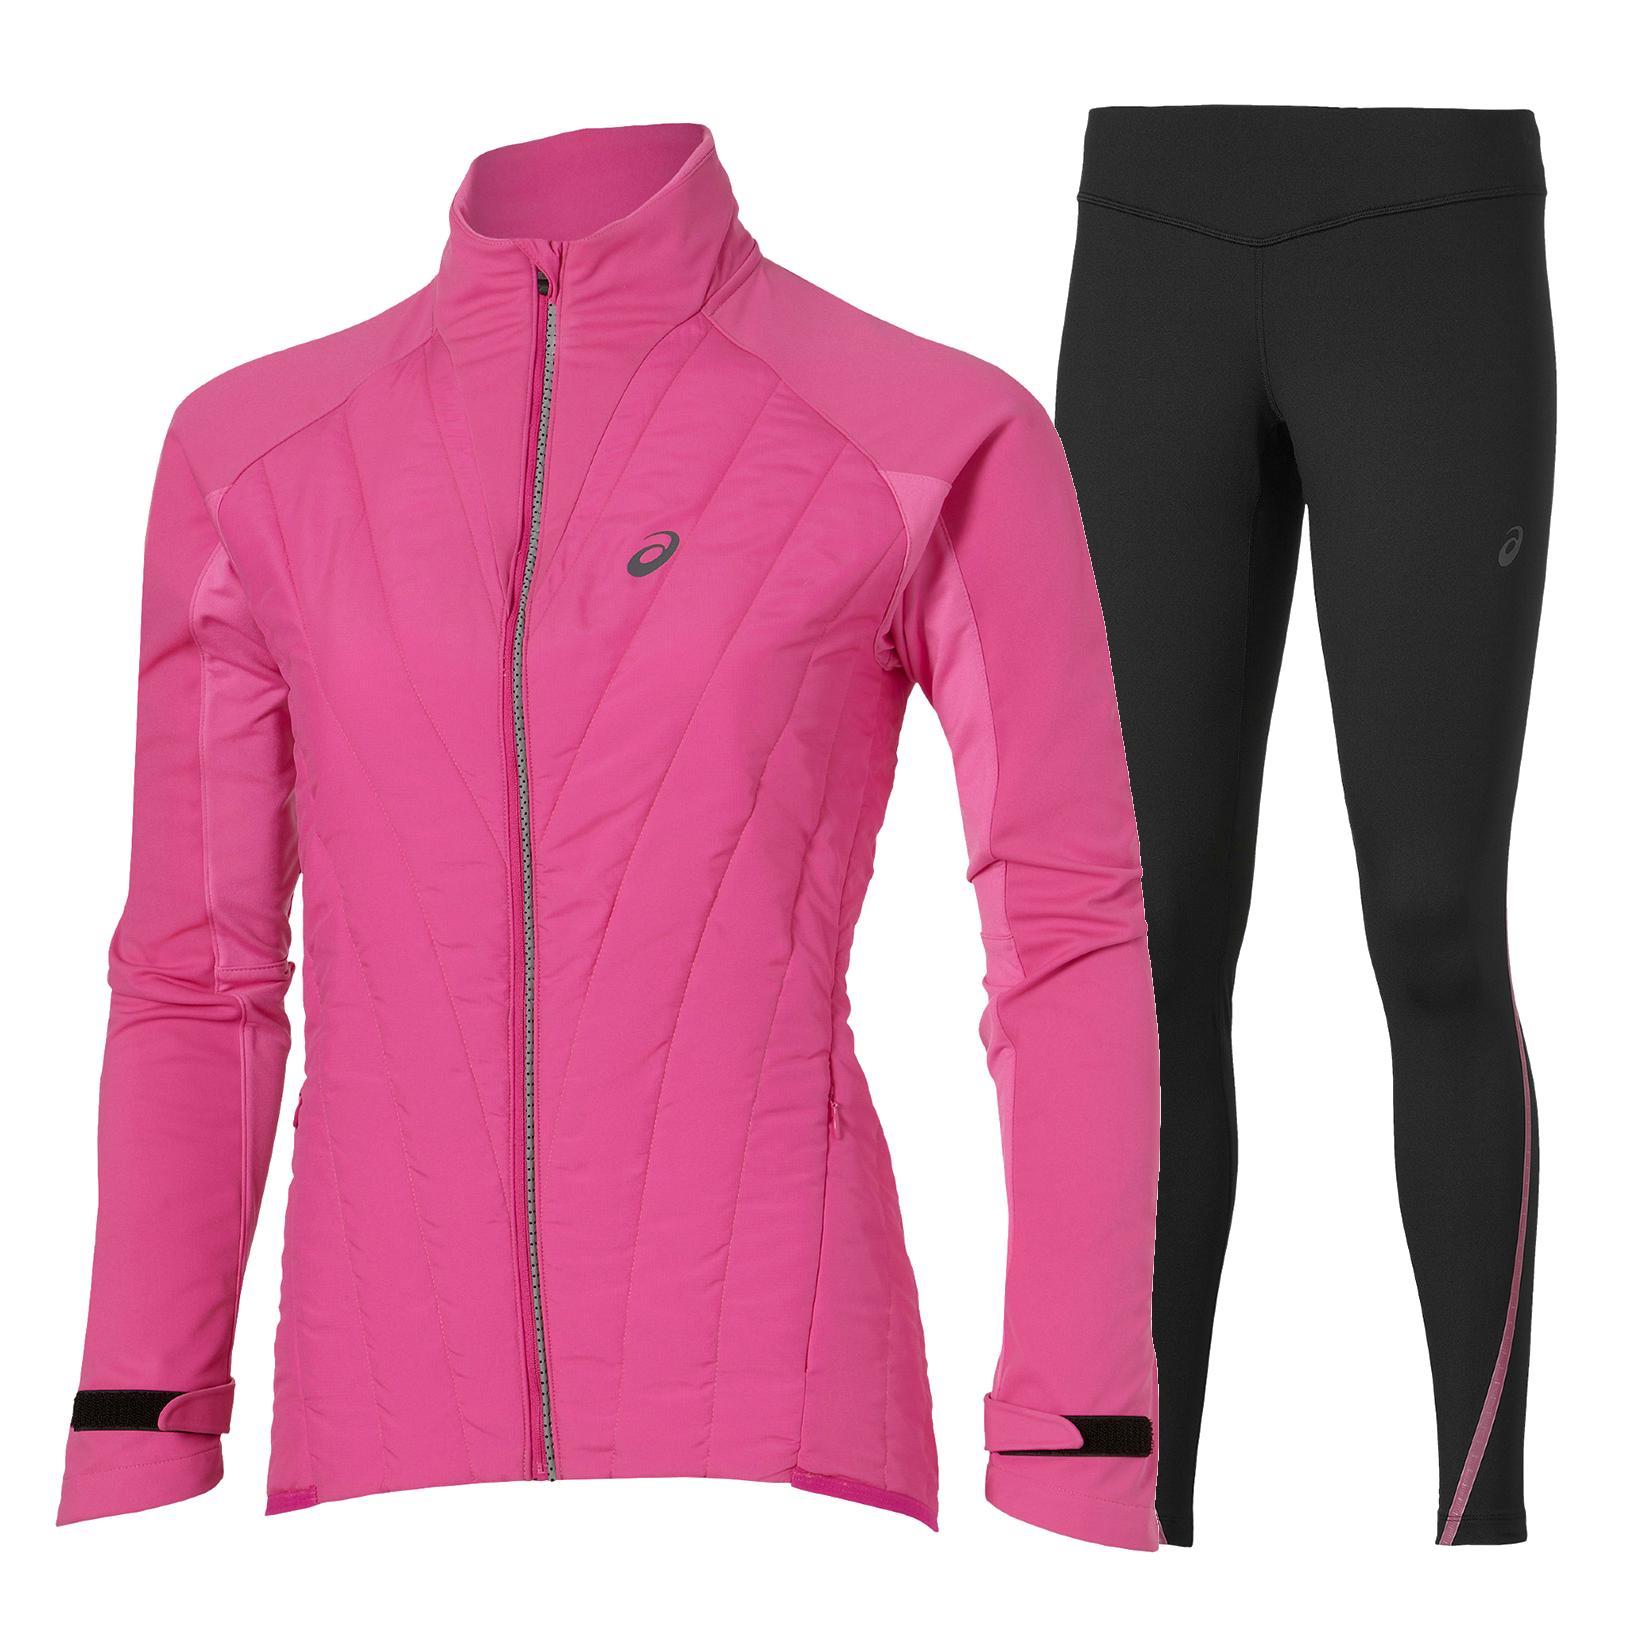 Женский костюм для бега Asics Winter Hybrid (114518 0692-124788 0692) розовый фото